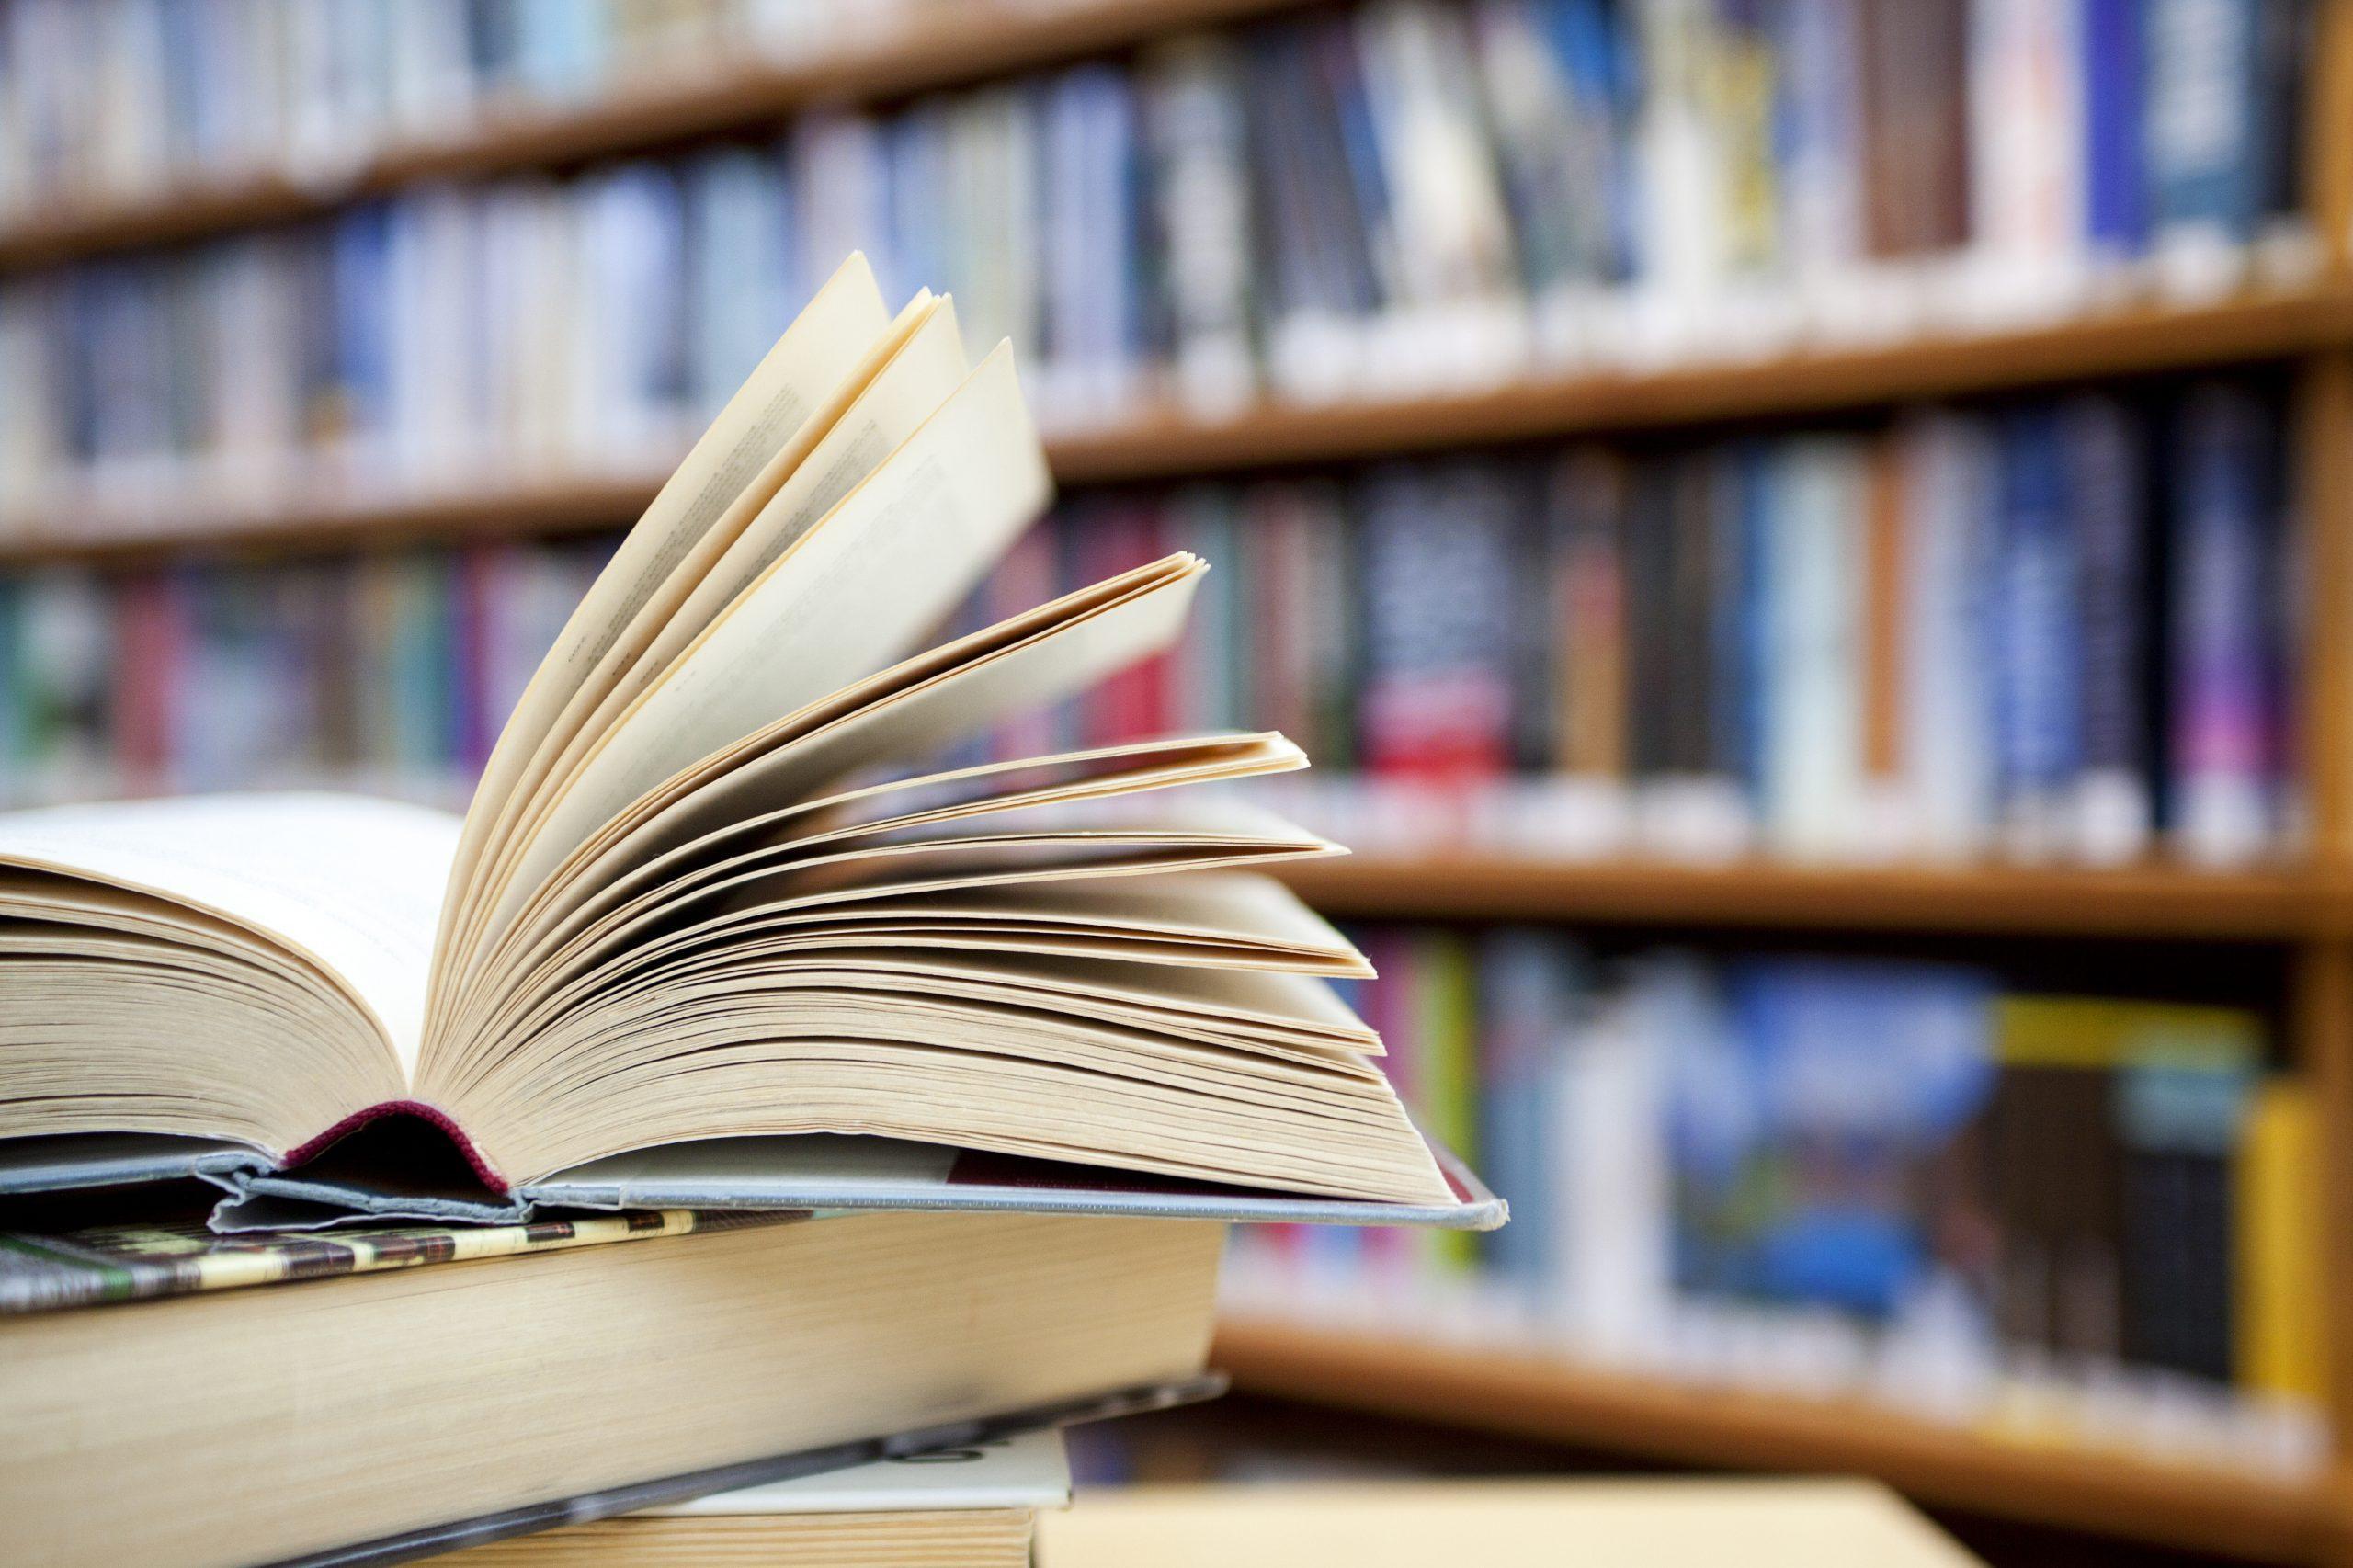 4 марта 2019 года присвоен гриф УМО по педагогическому образованию